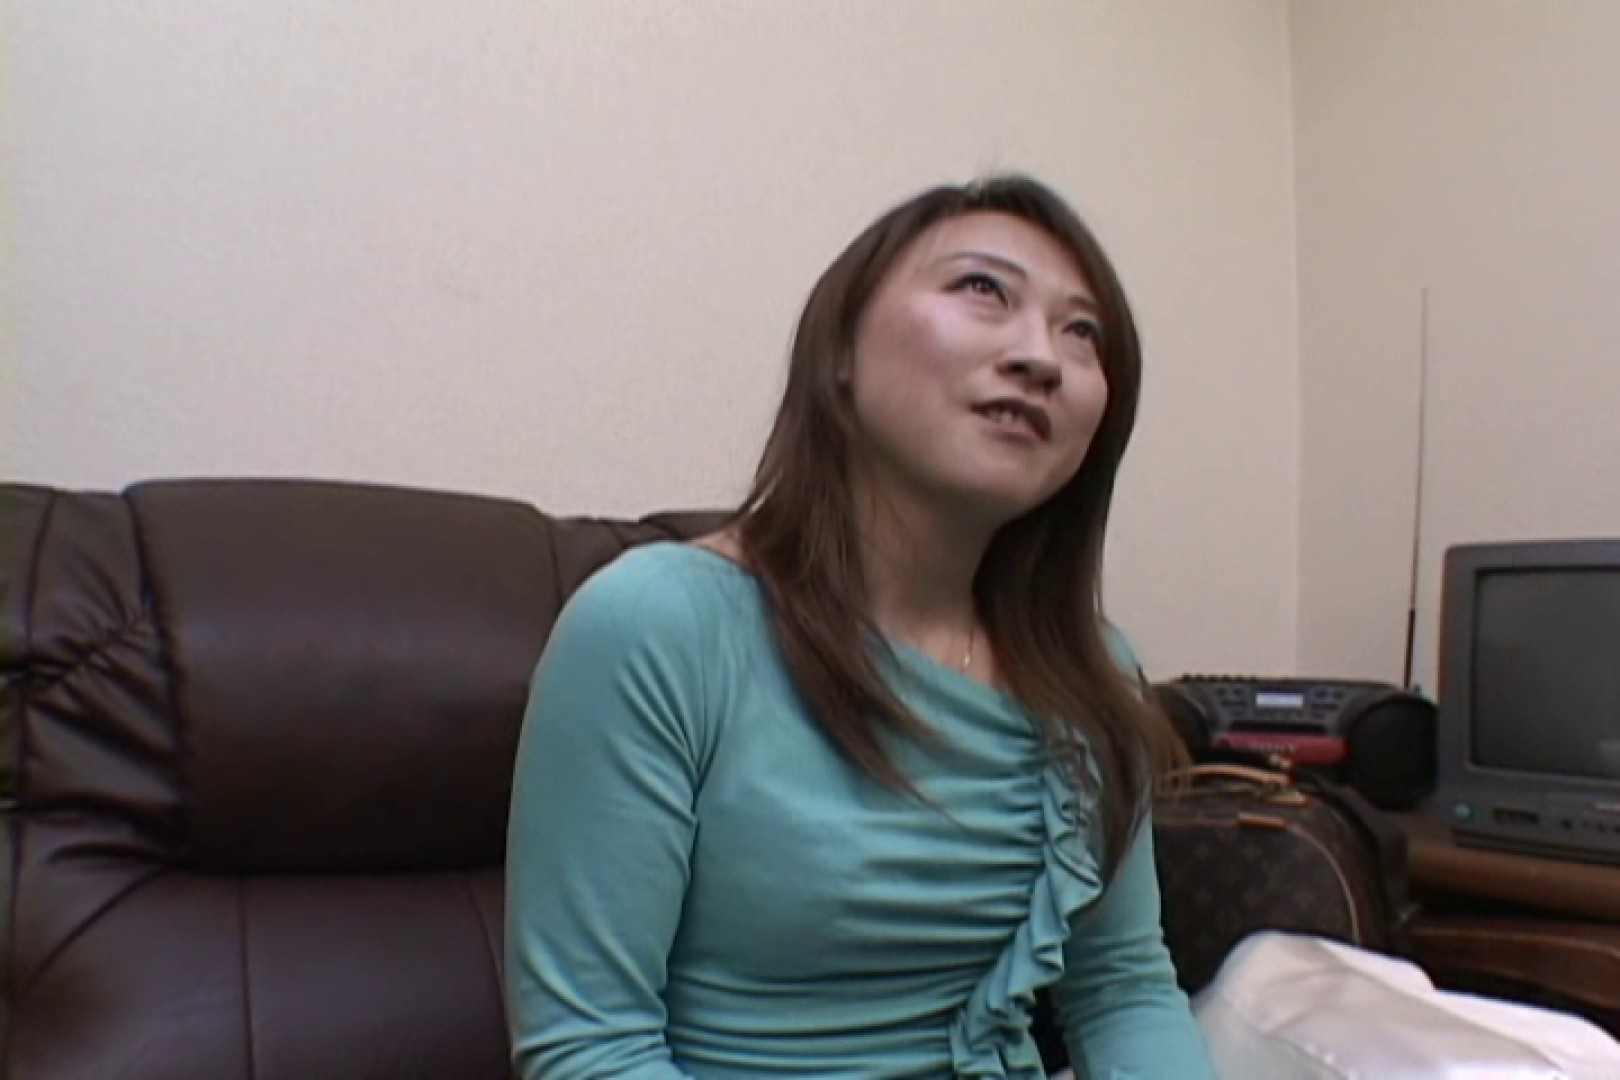 オナニー好きの綺麗なお姉さんと楽しくSEX~姫野あかね~ 企画 覗きおまんこ画像 83枚 35